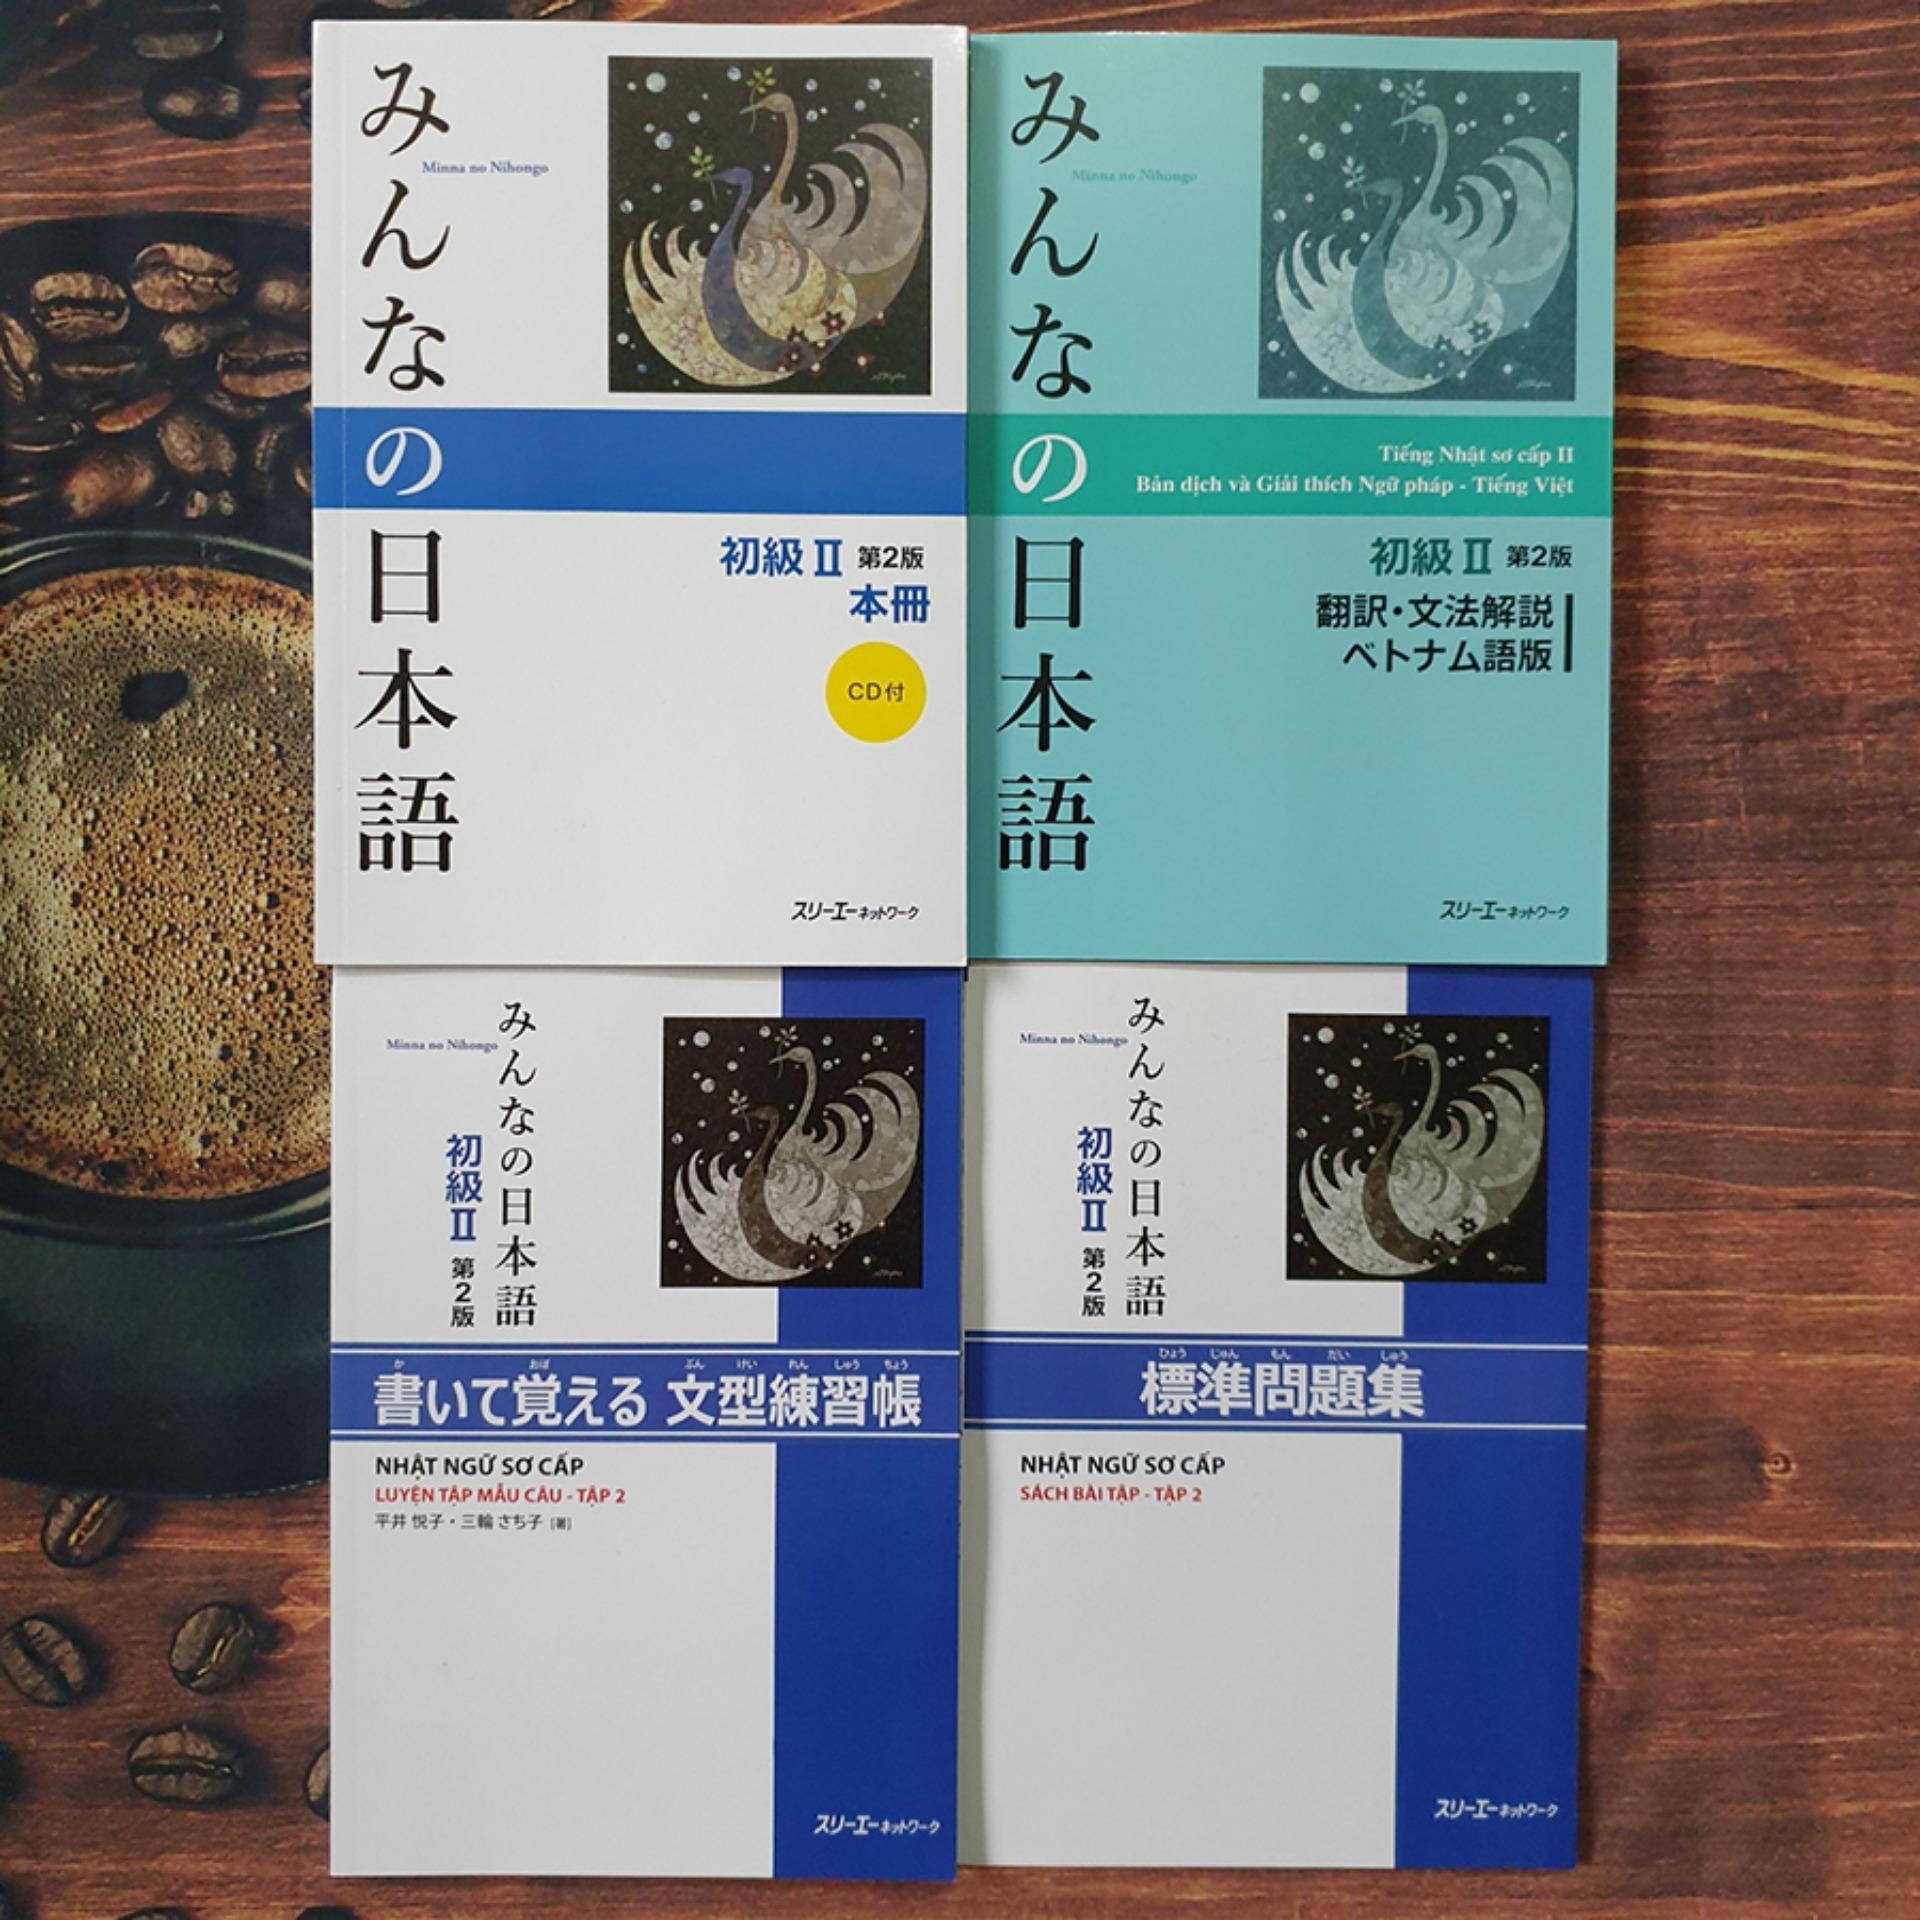 Mua Sách - Combo Minna No Nihongo Sơ Cấp II Trình Độ N4 ( Giáo Khoa, Giải Thích, Bài Tập, Luyện Mẫu Câu) - Phiên Bản Mới